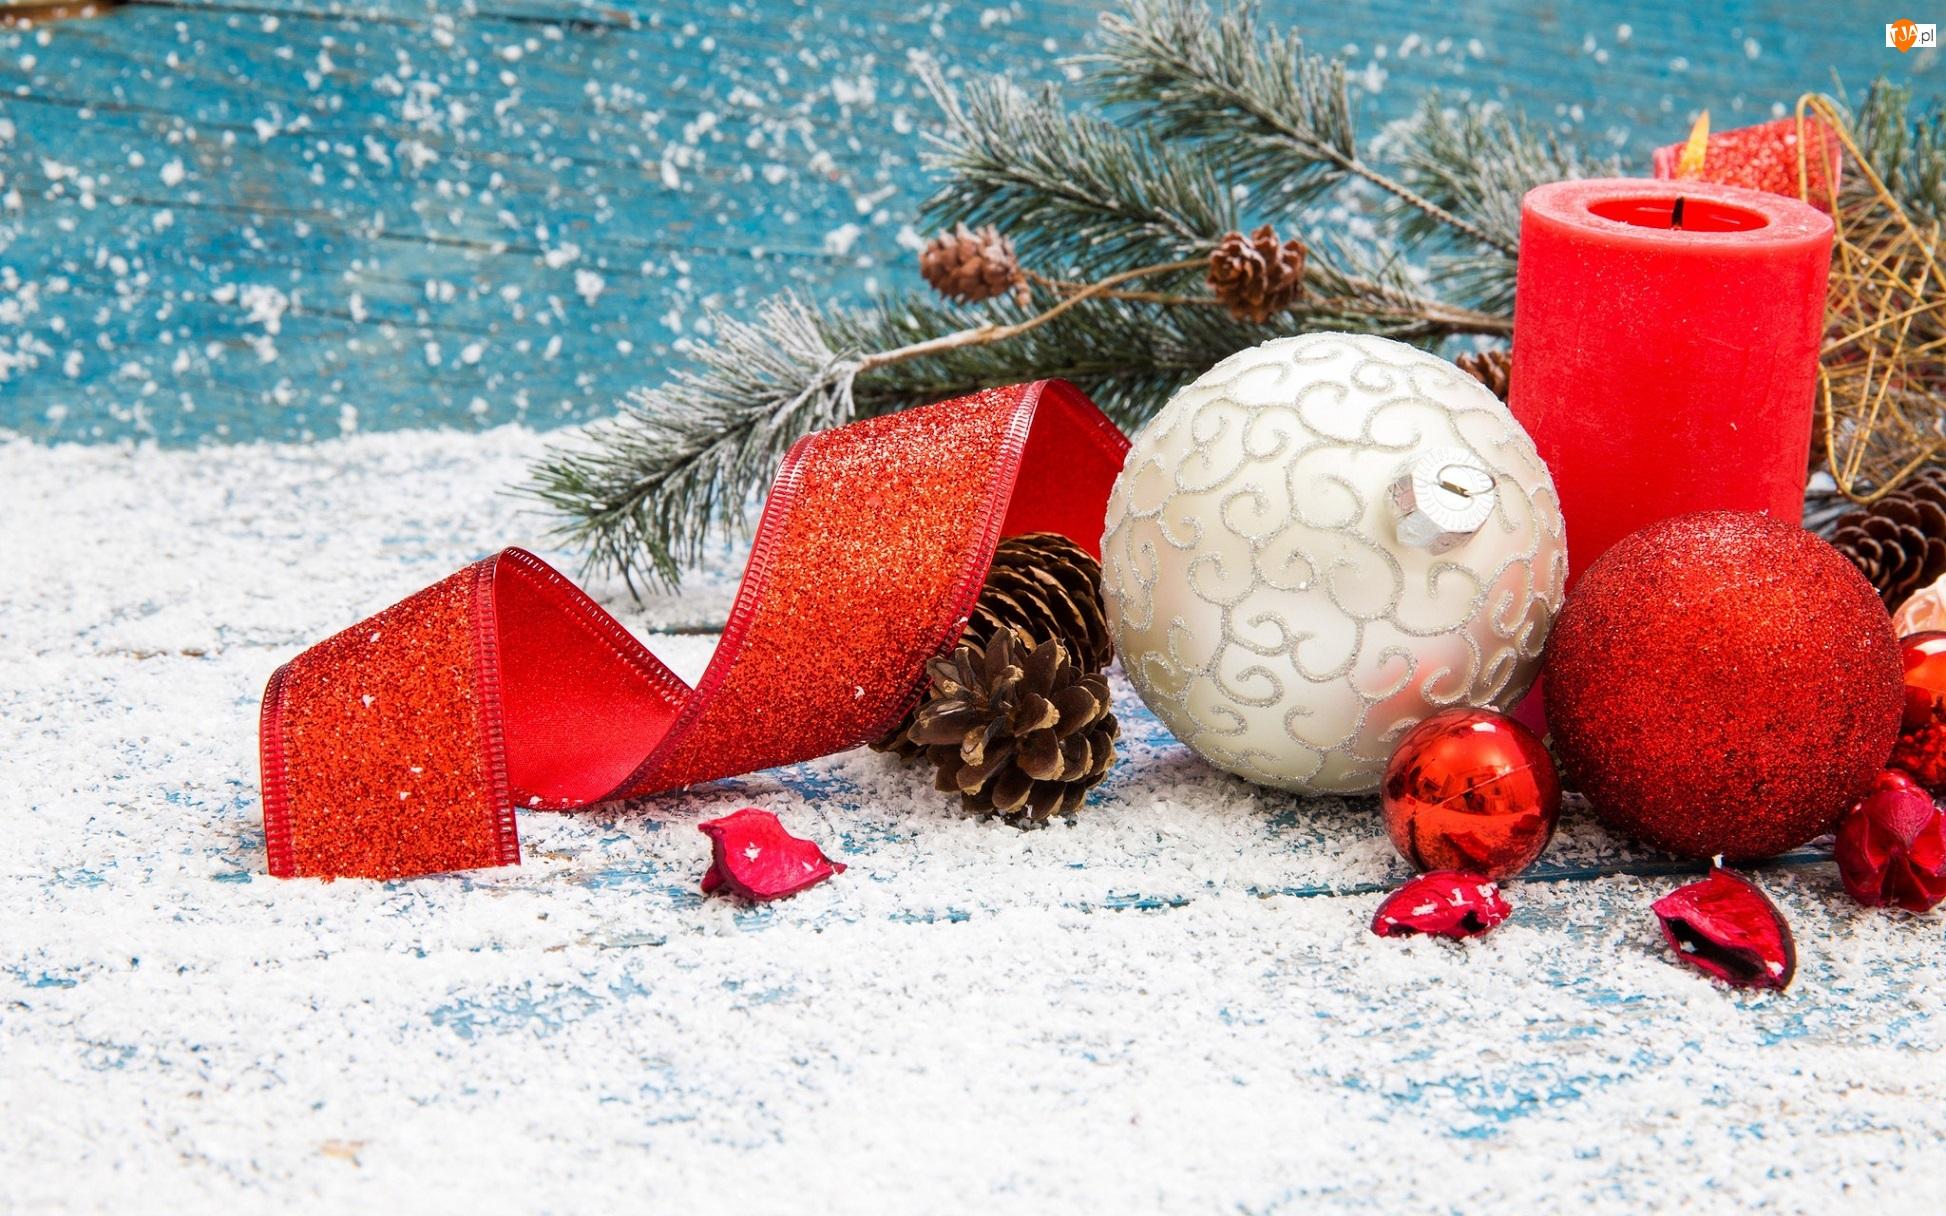 Stroik, Boże Narodzenie, Świeczka, Kompozycja, Wstążka, Bombki, Gałązki